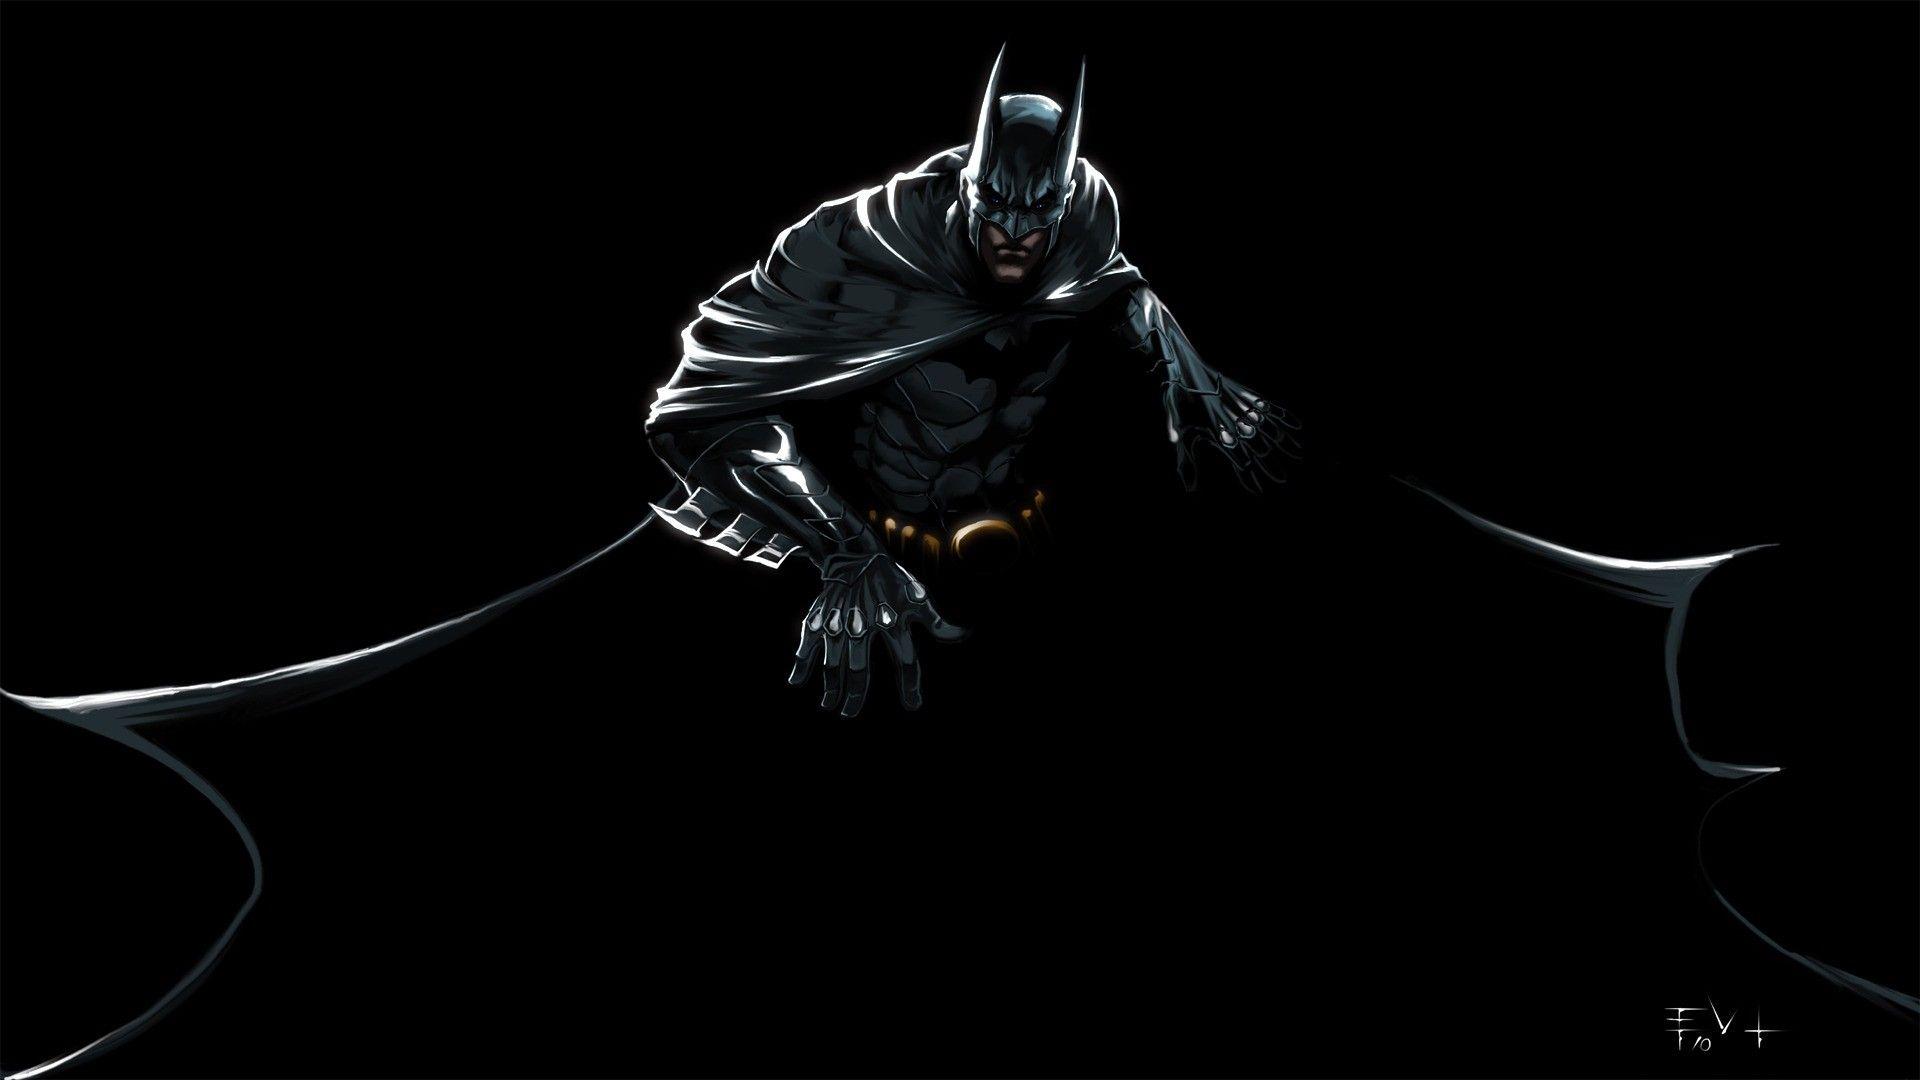 batman comic hd wallpaper